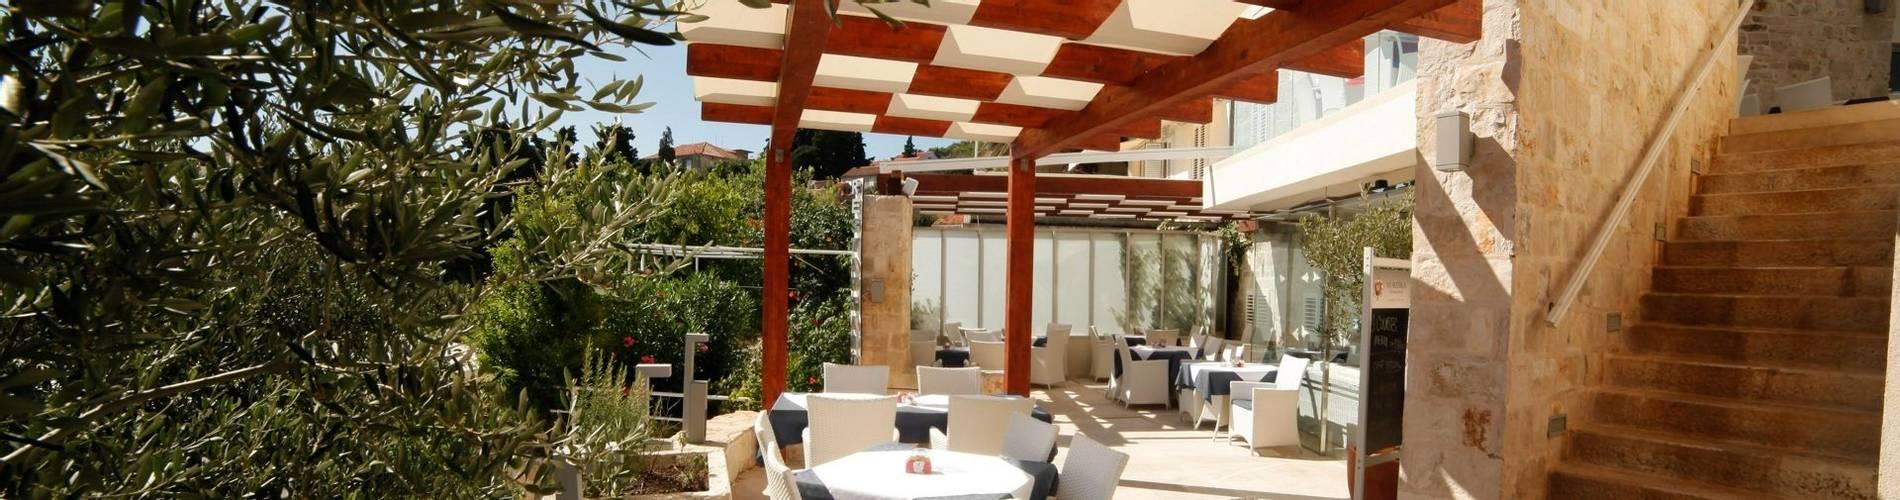 5 Main terrace.JPG